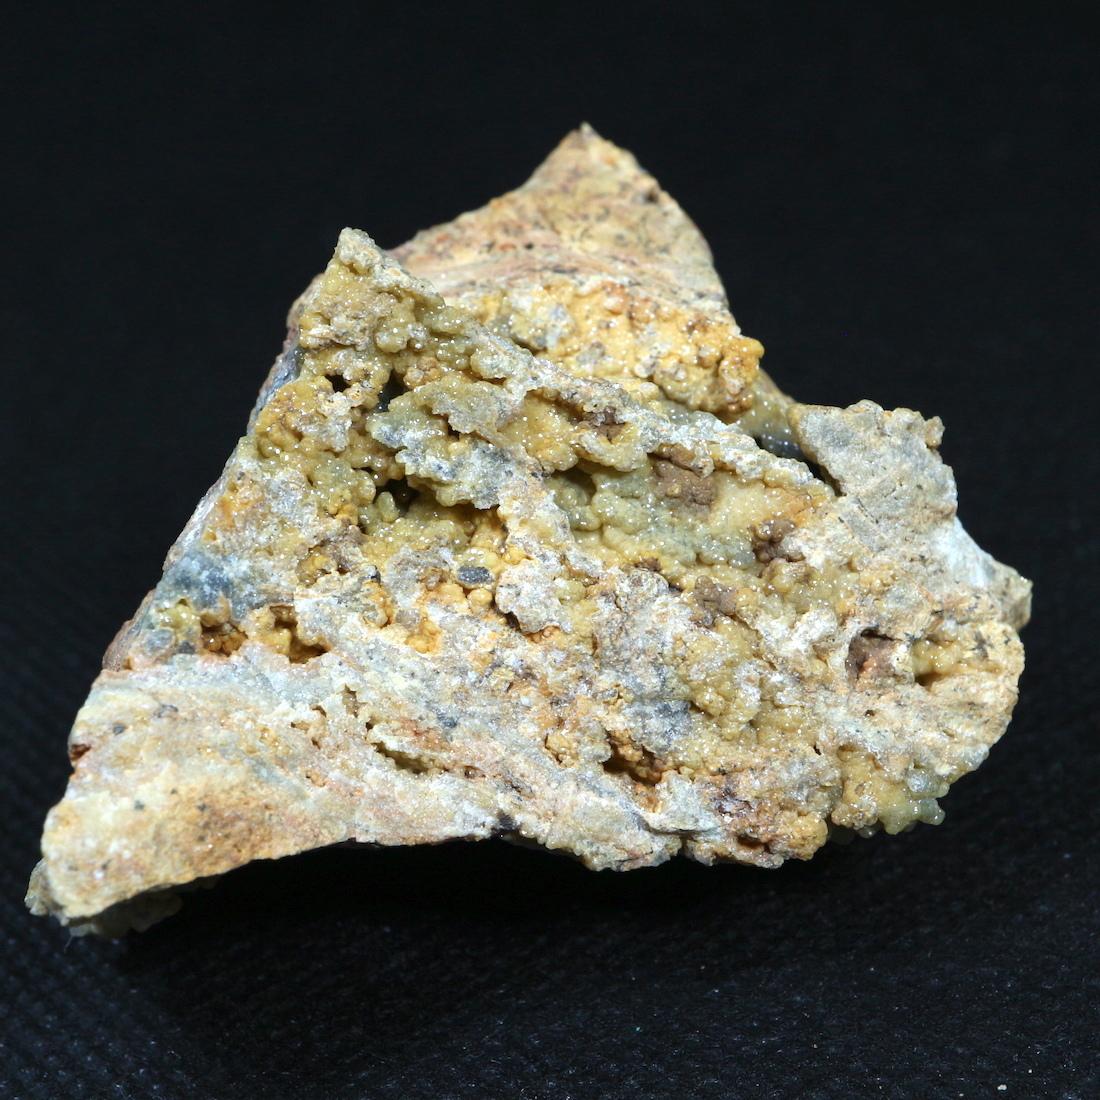 アメリカ産スミソナイト 菱亜鉛鉱 原石 ドゥルージー 112g SN013 鉱物 天然石 パワーストーン